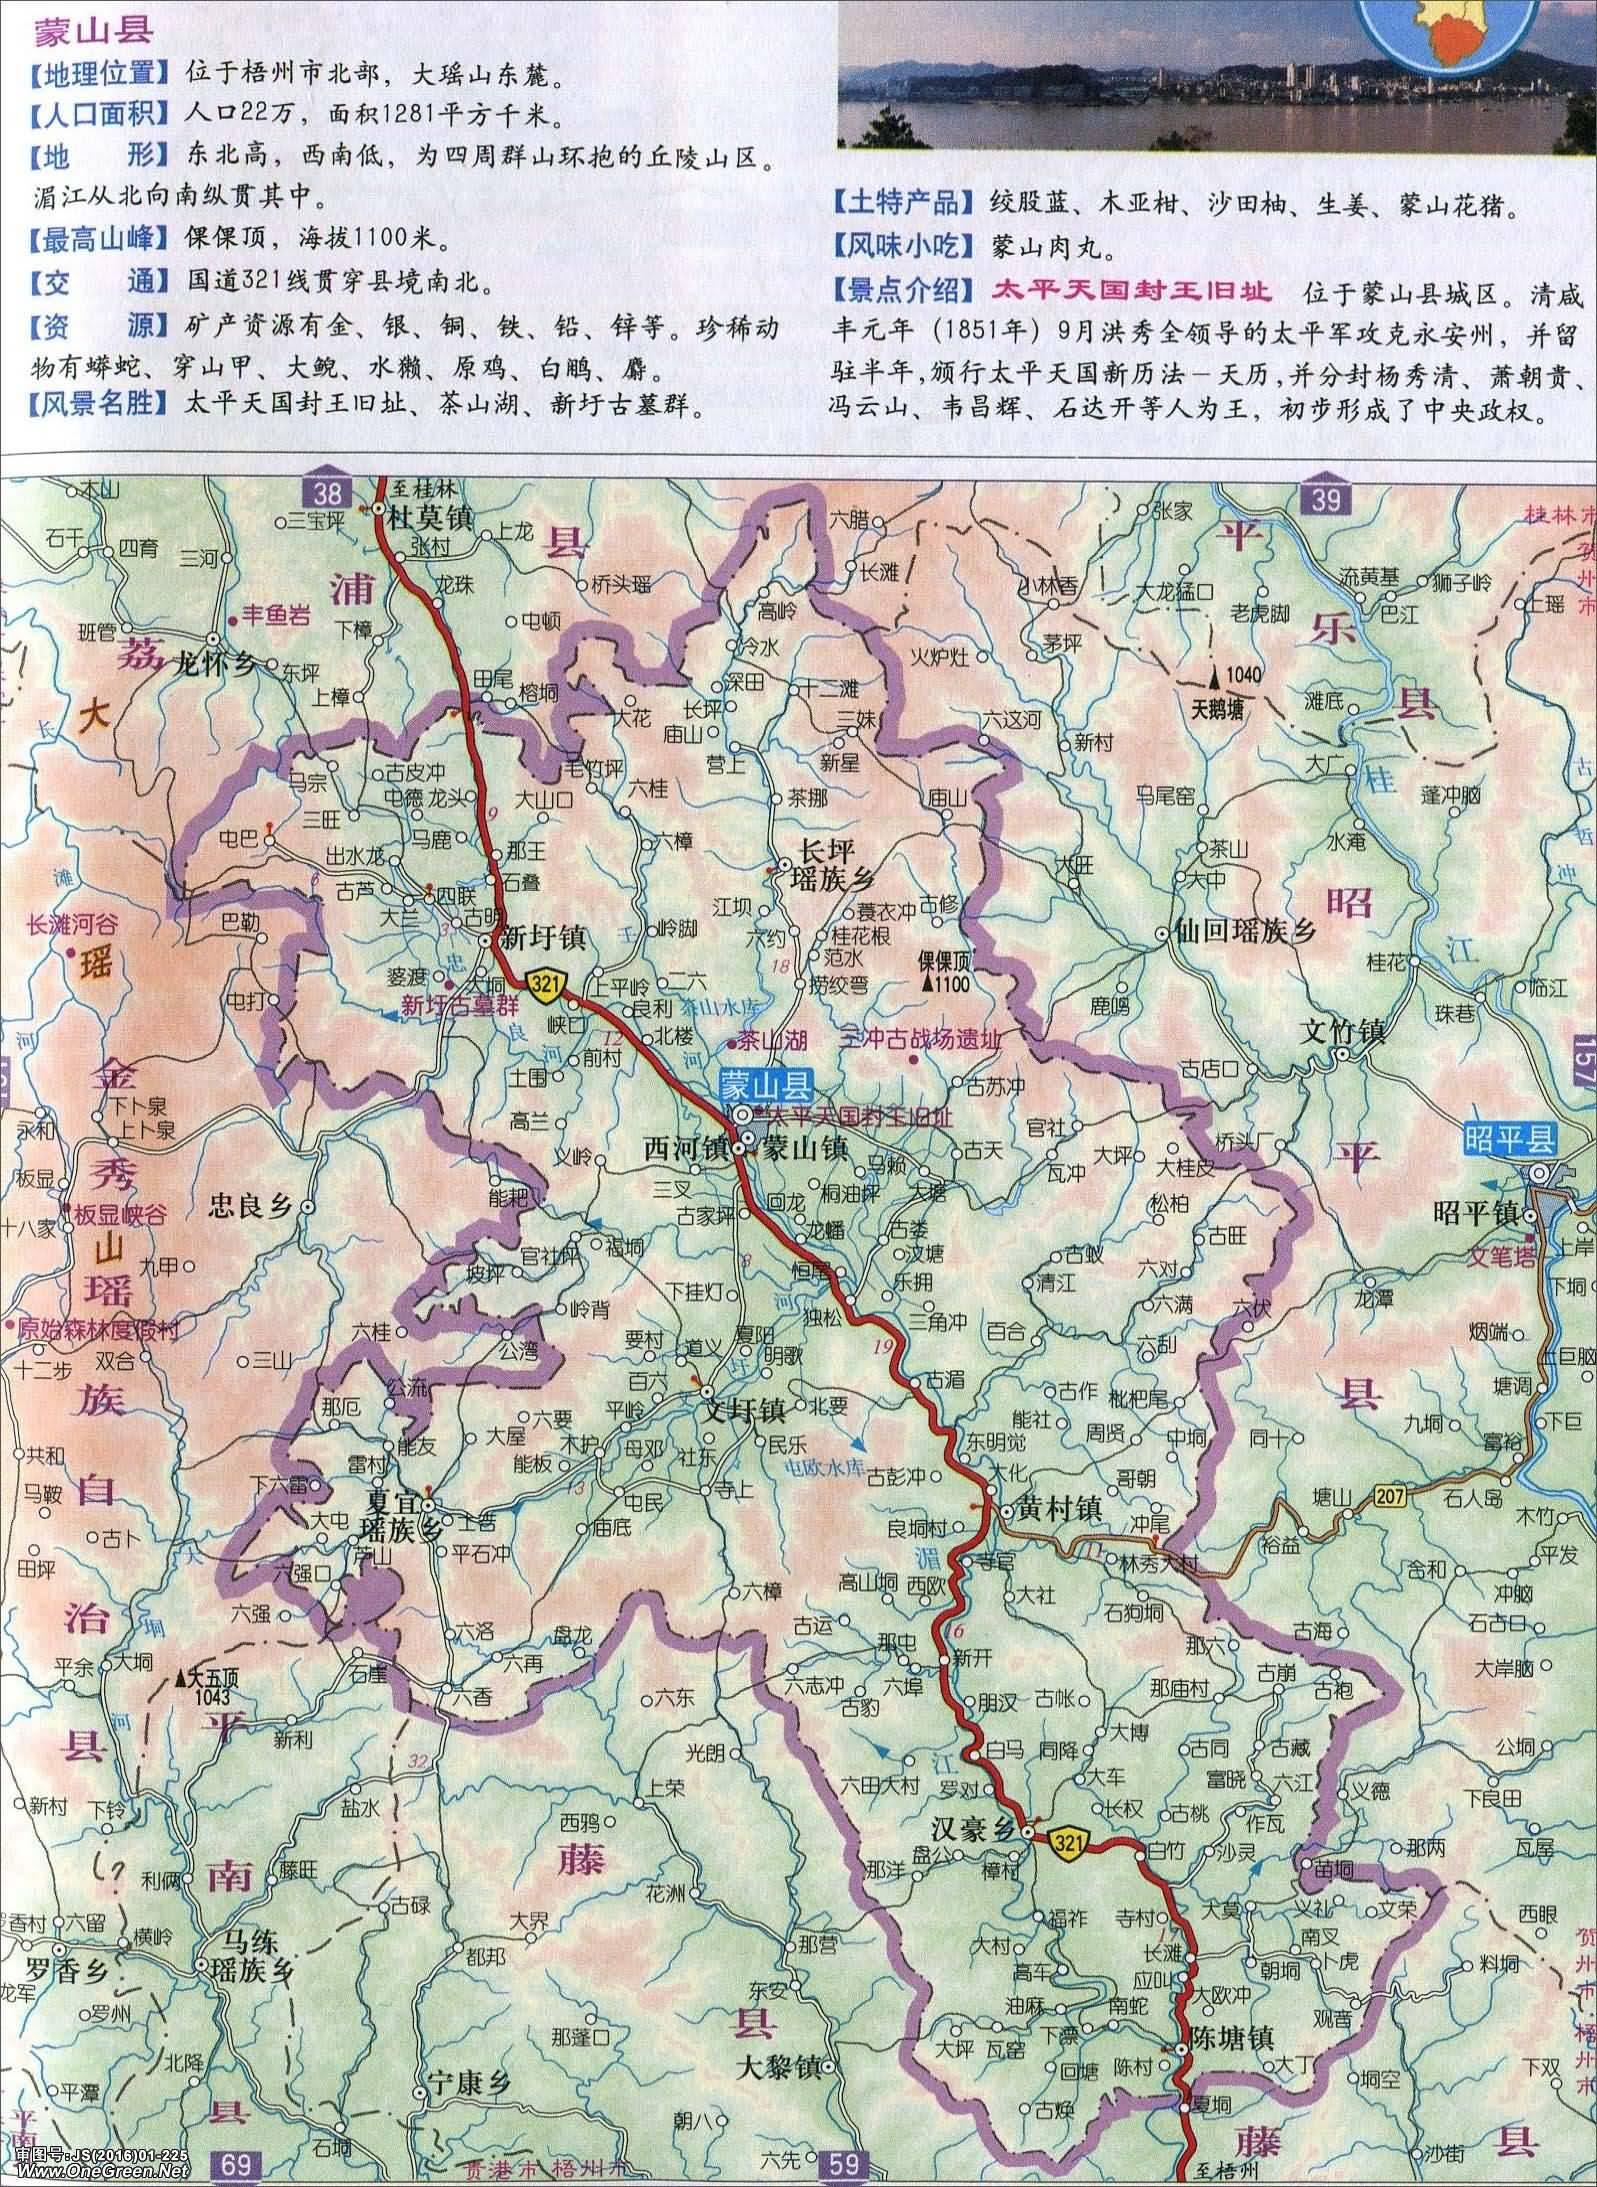 蒙山县地图